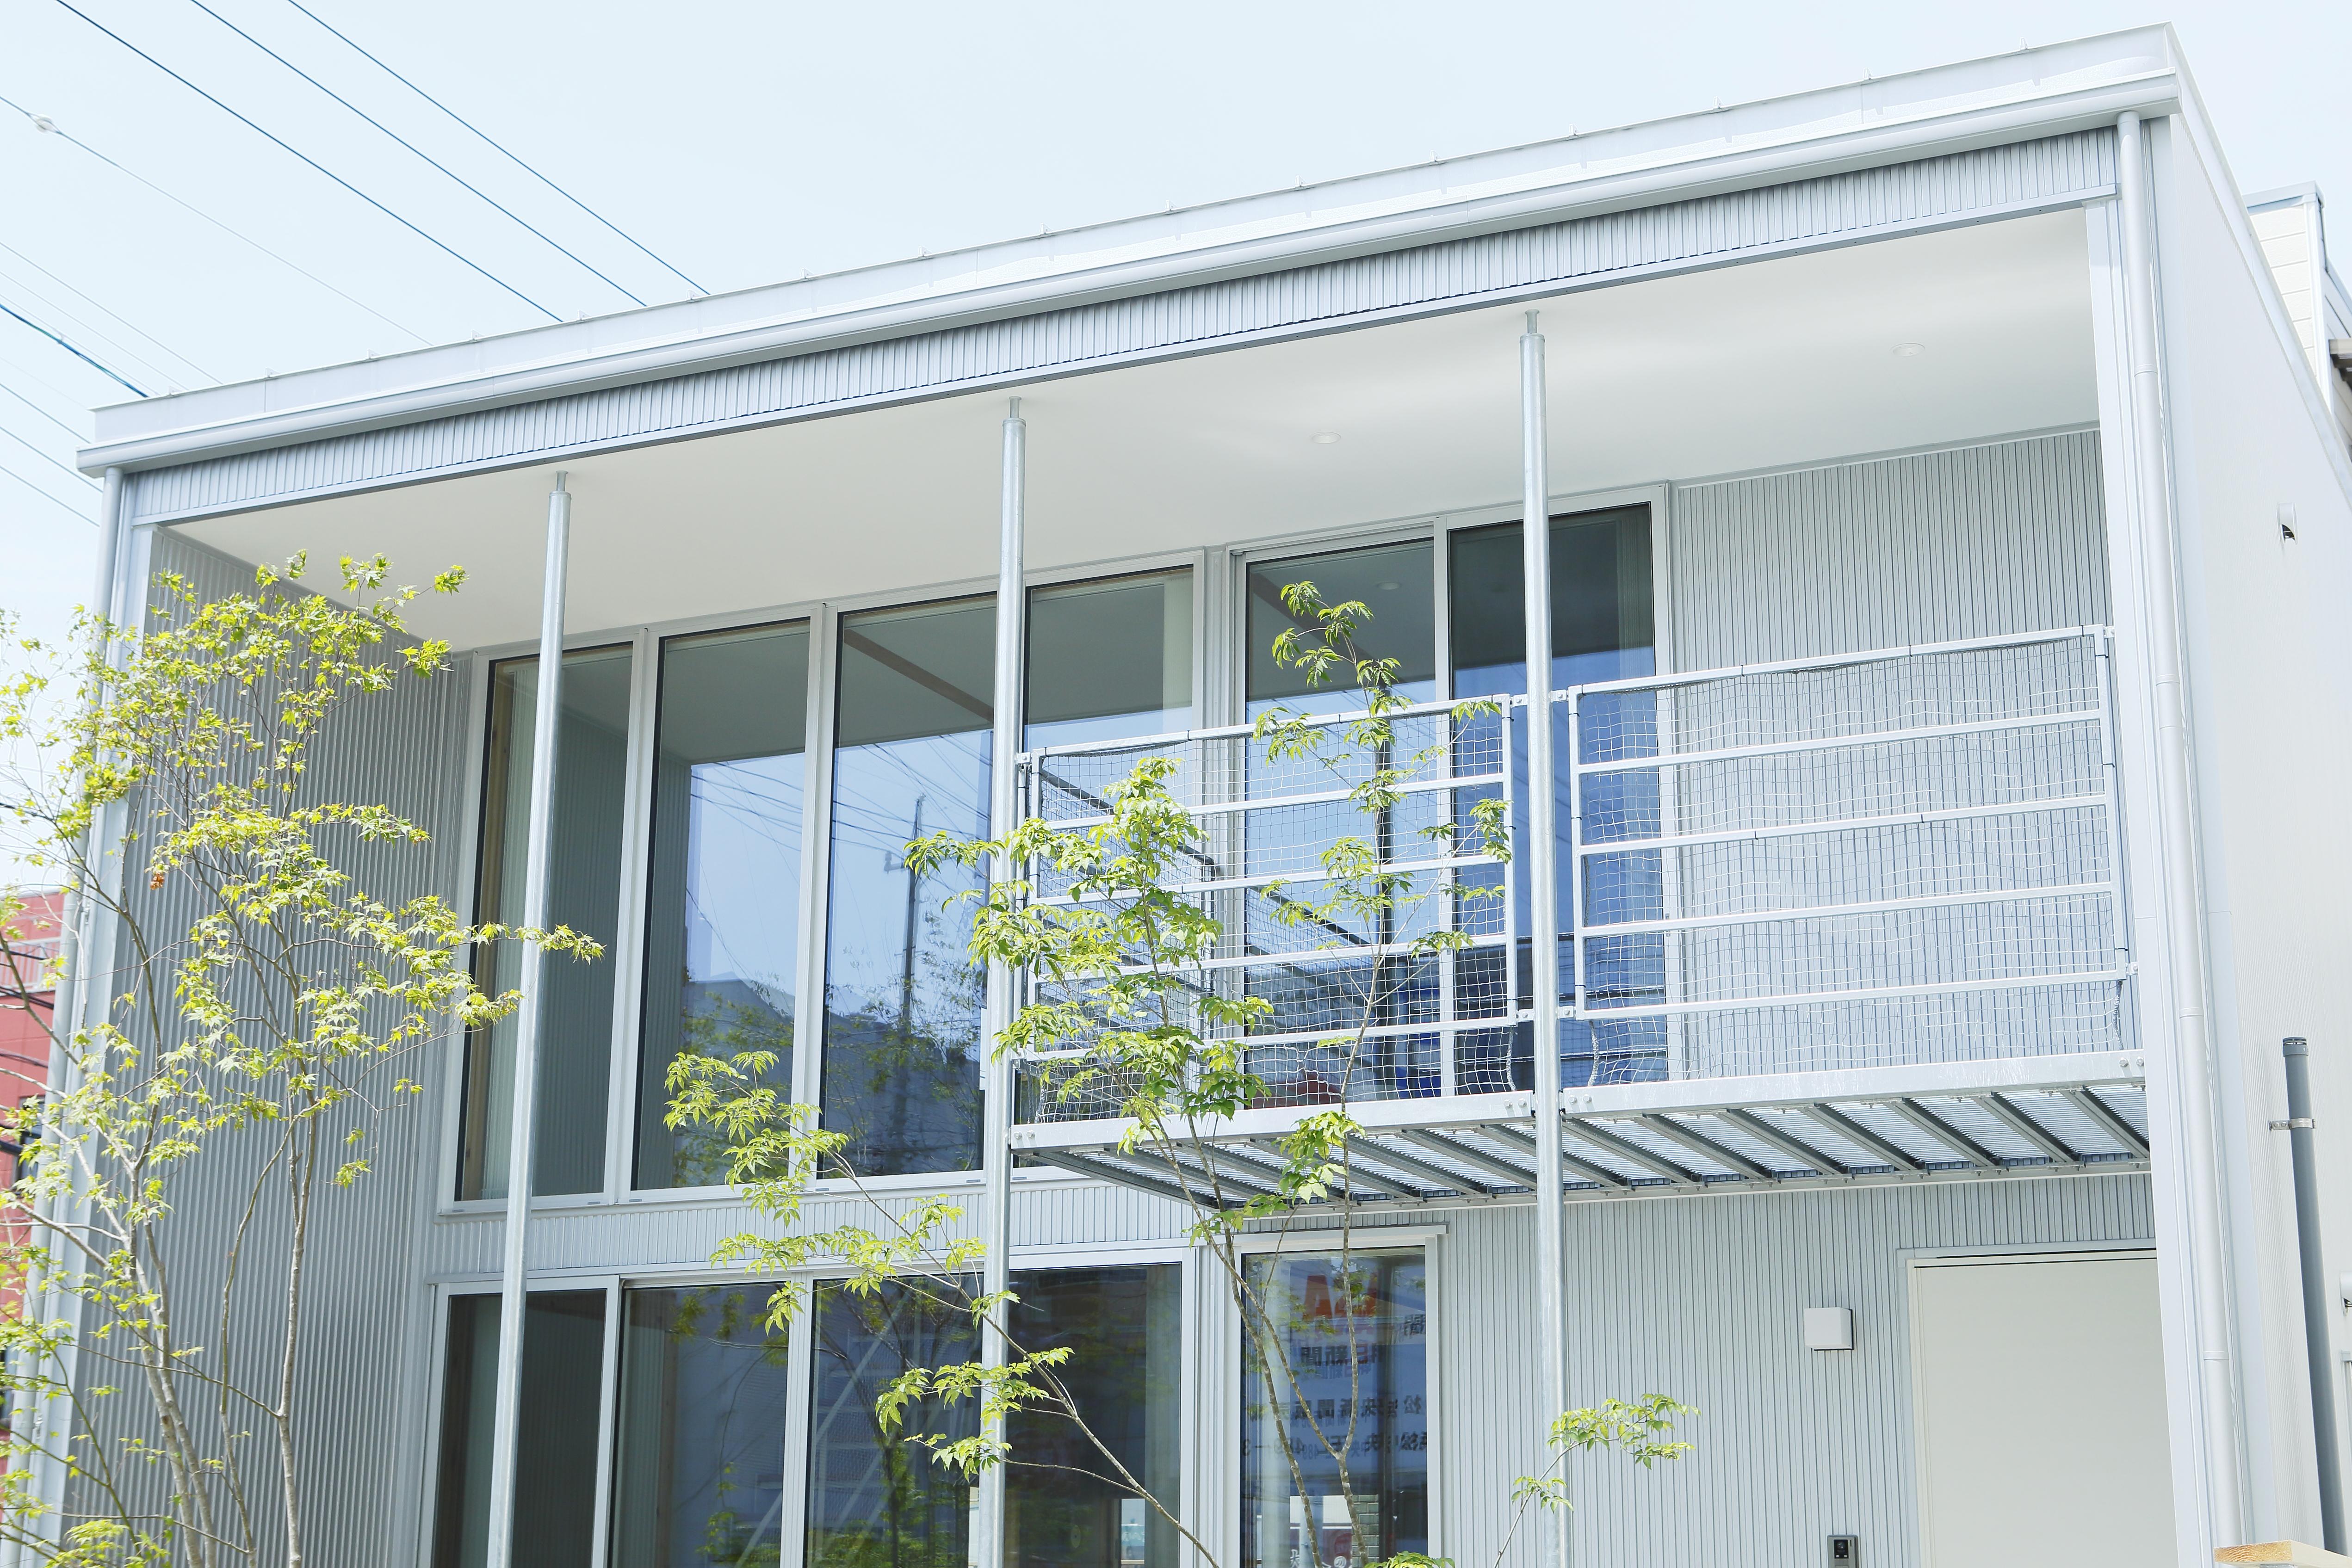 無印良品の家 10月9日(土) -10日(日)  愛知県豊橋市 完成現場見学会